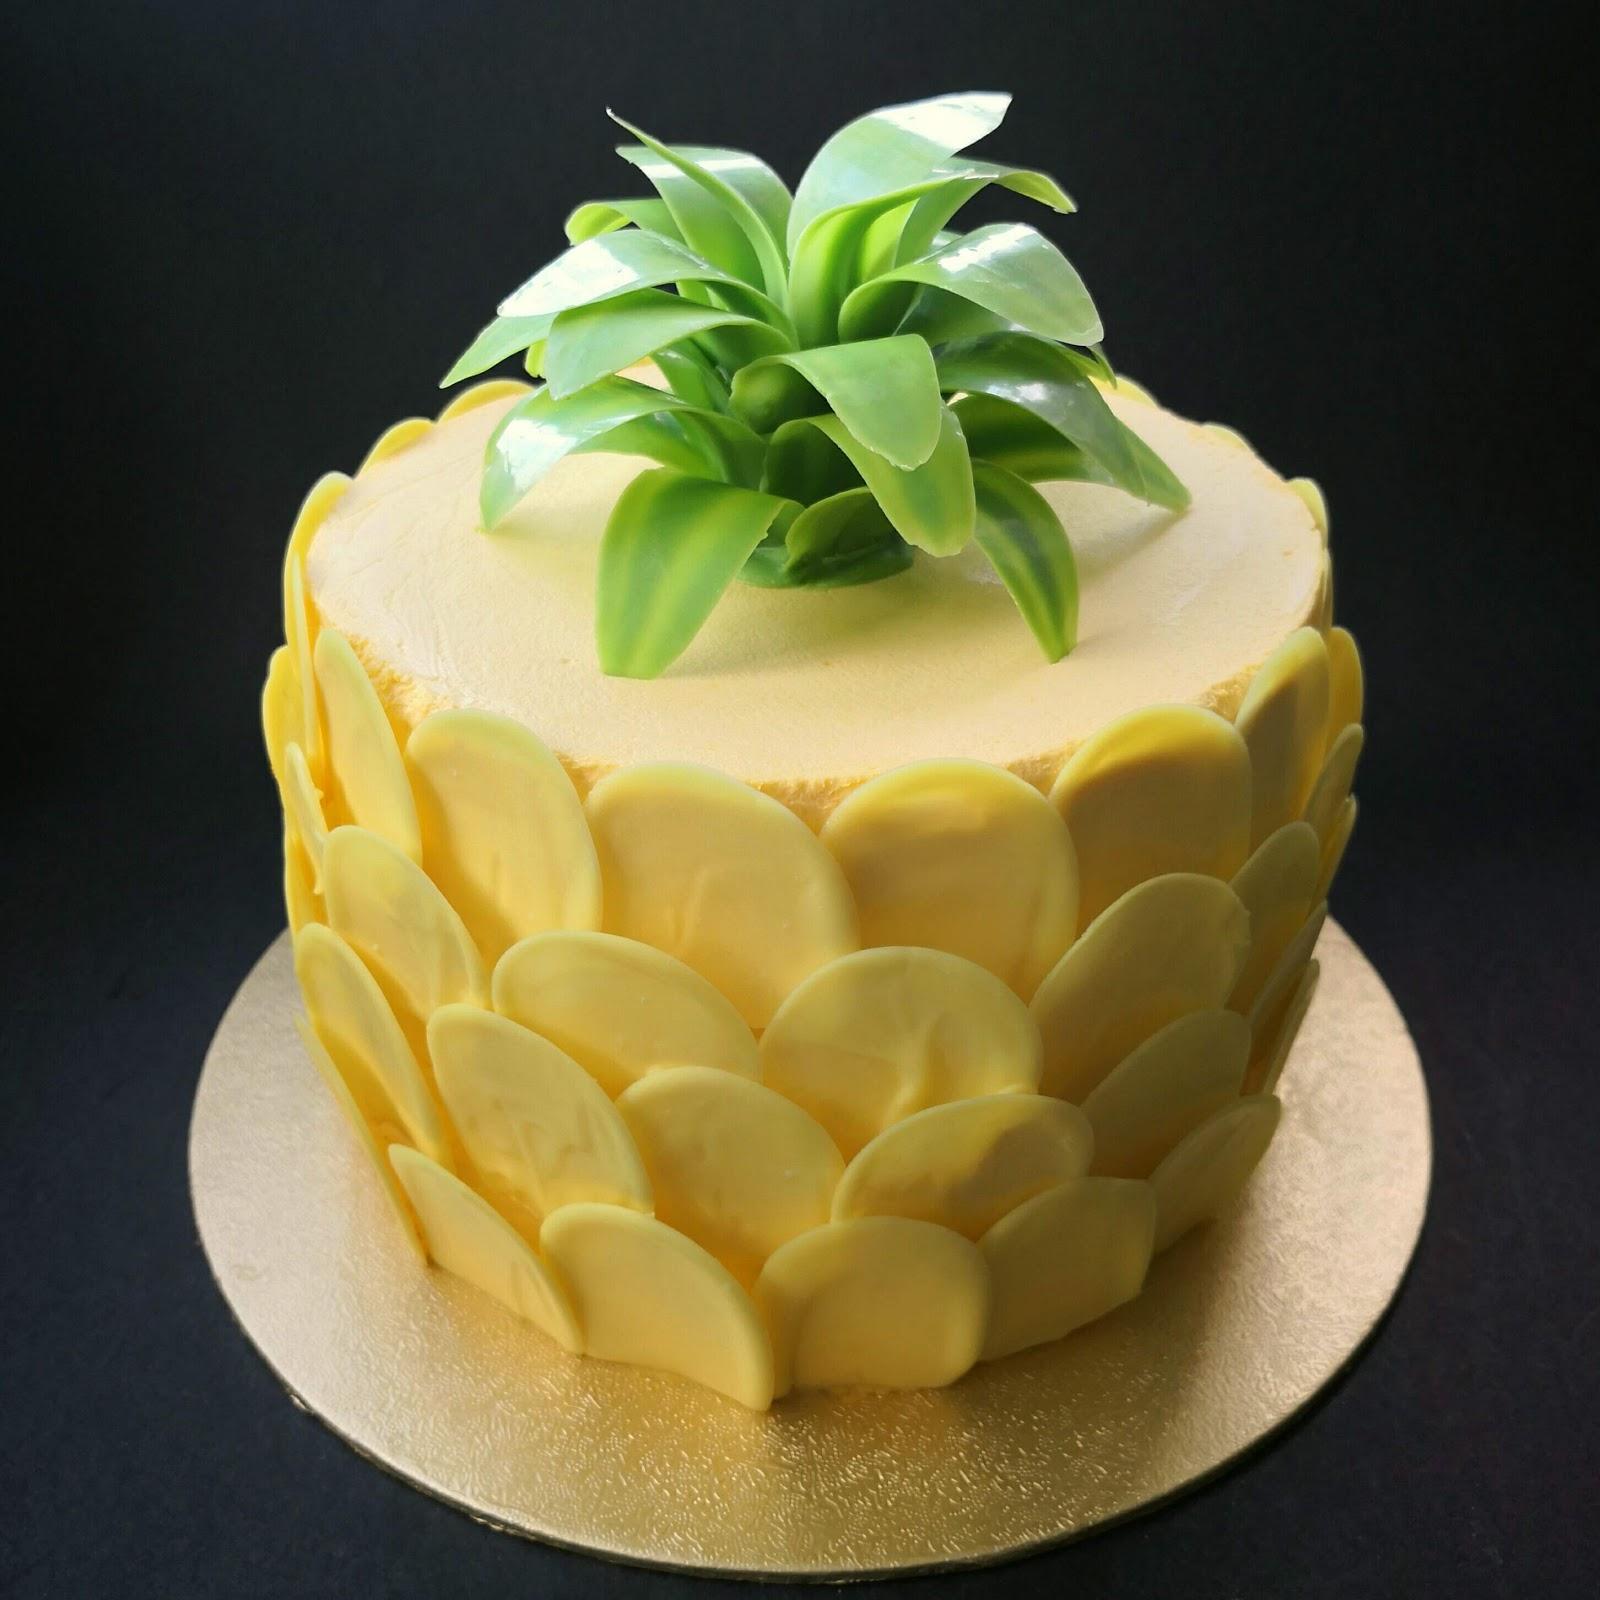 Ethereal Cakes Mango Pineapple Cake